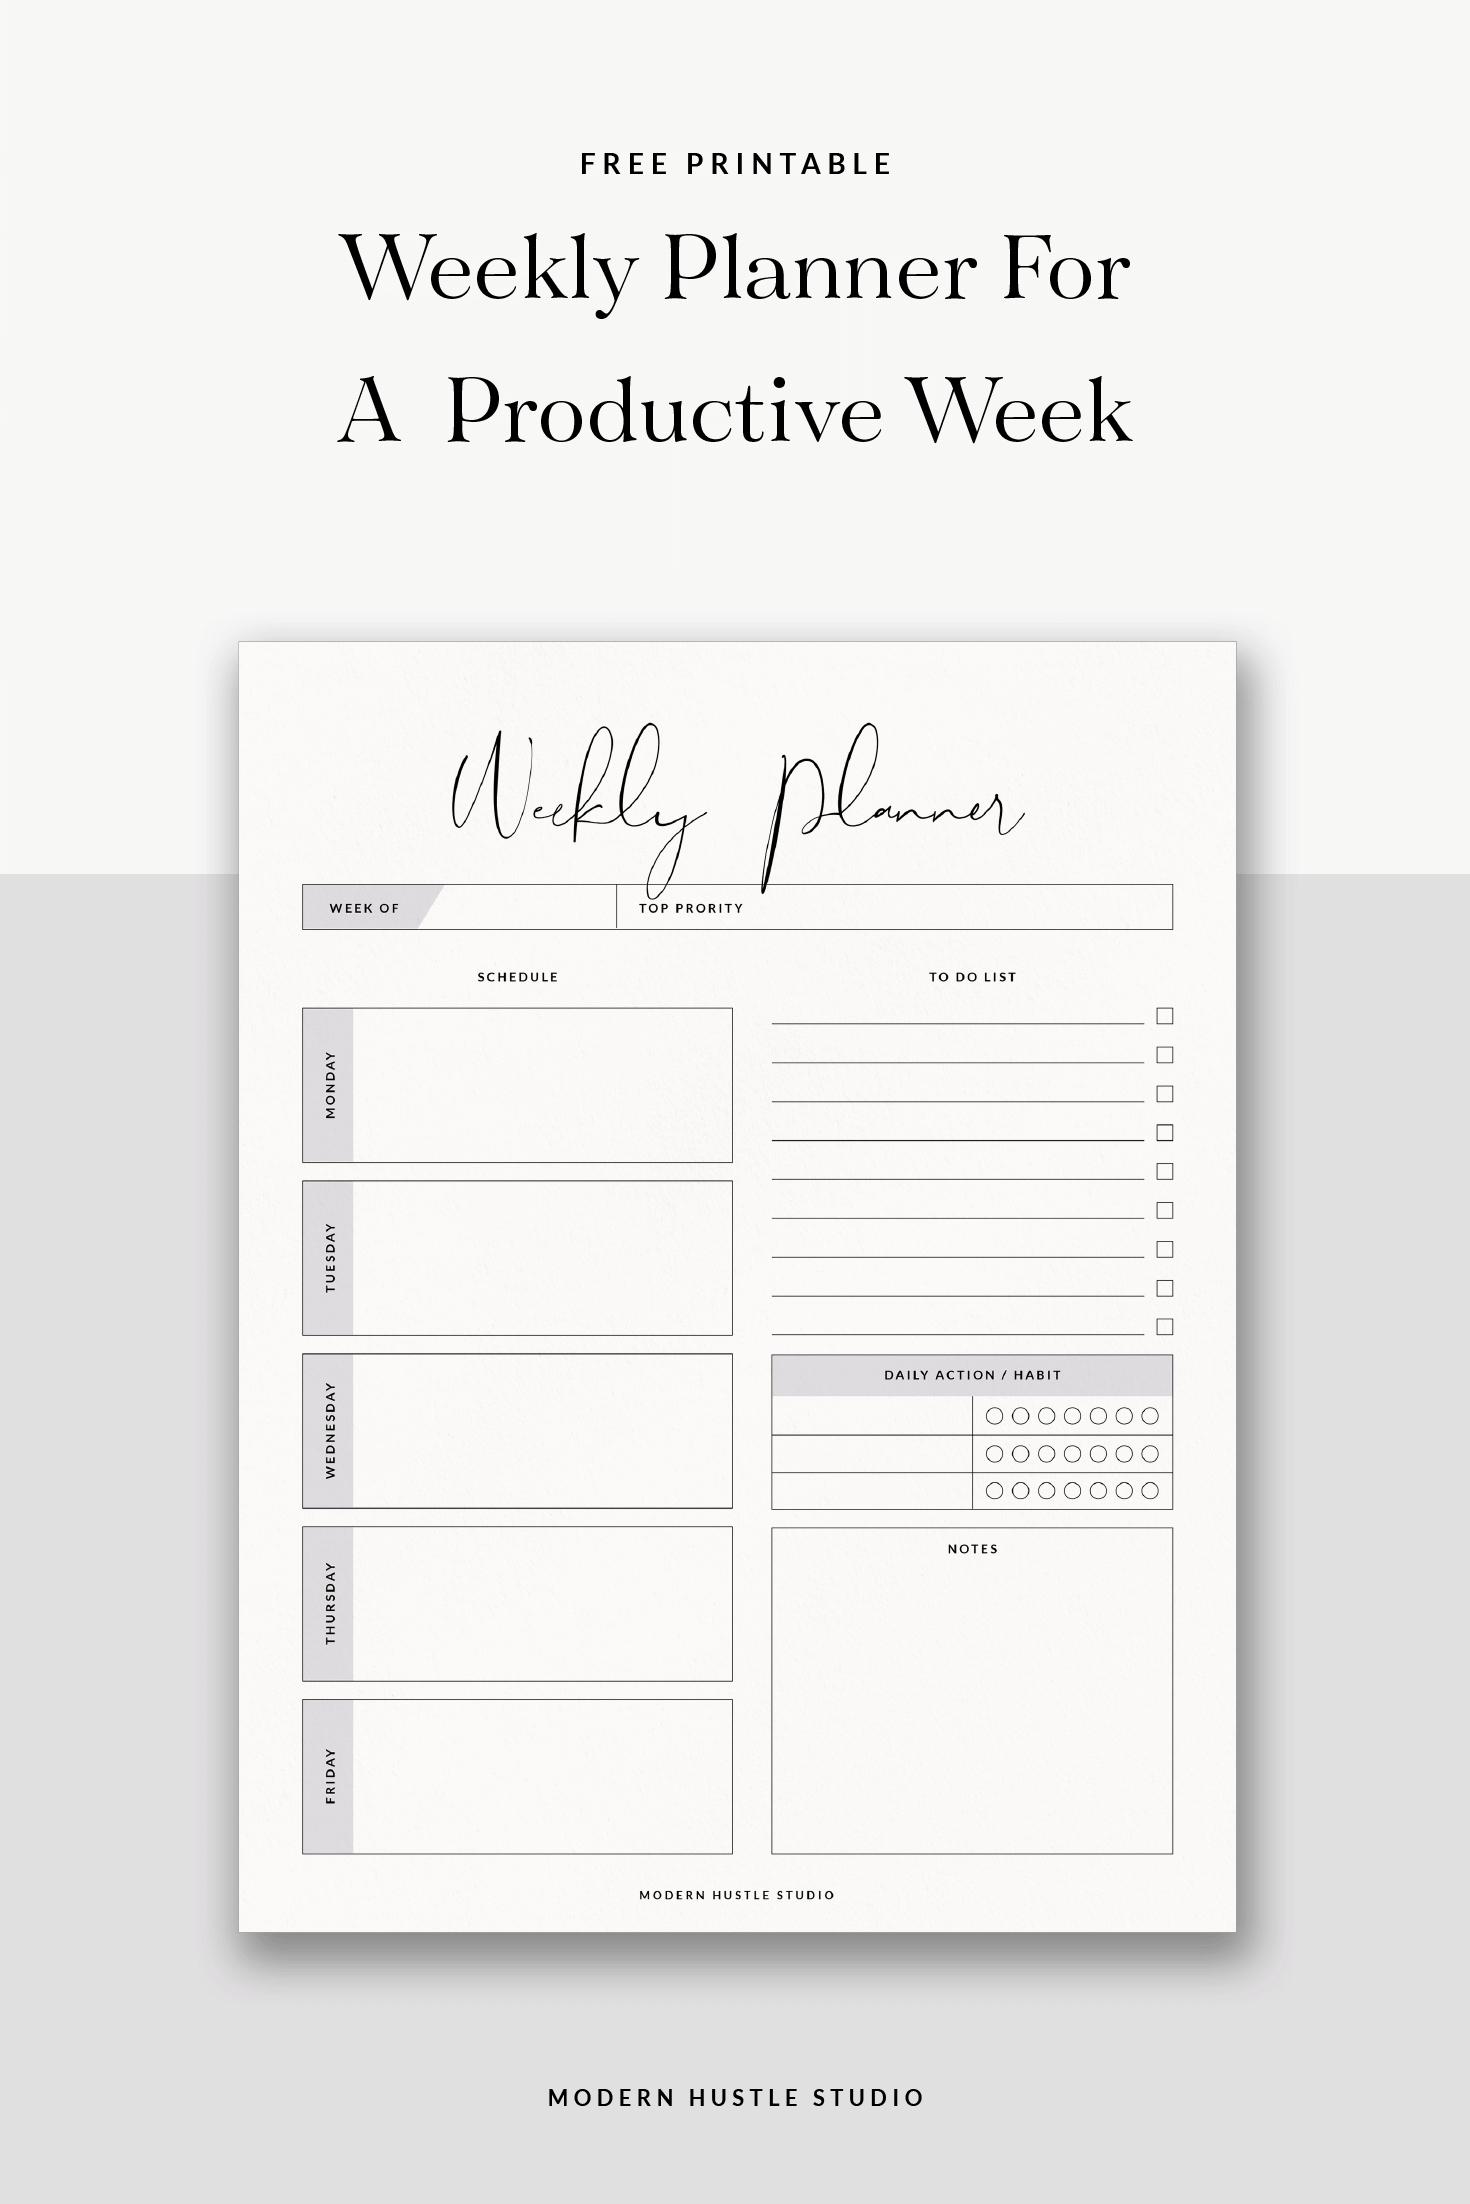 Free Printable + Digital Weekly Planner – Modern Hustle